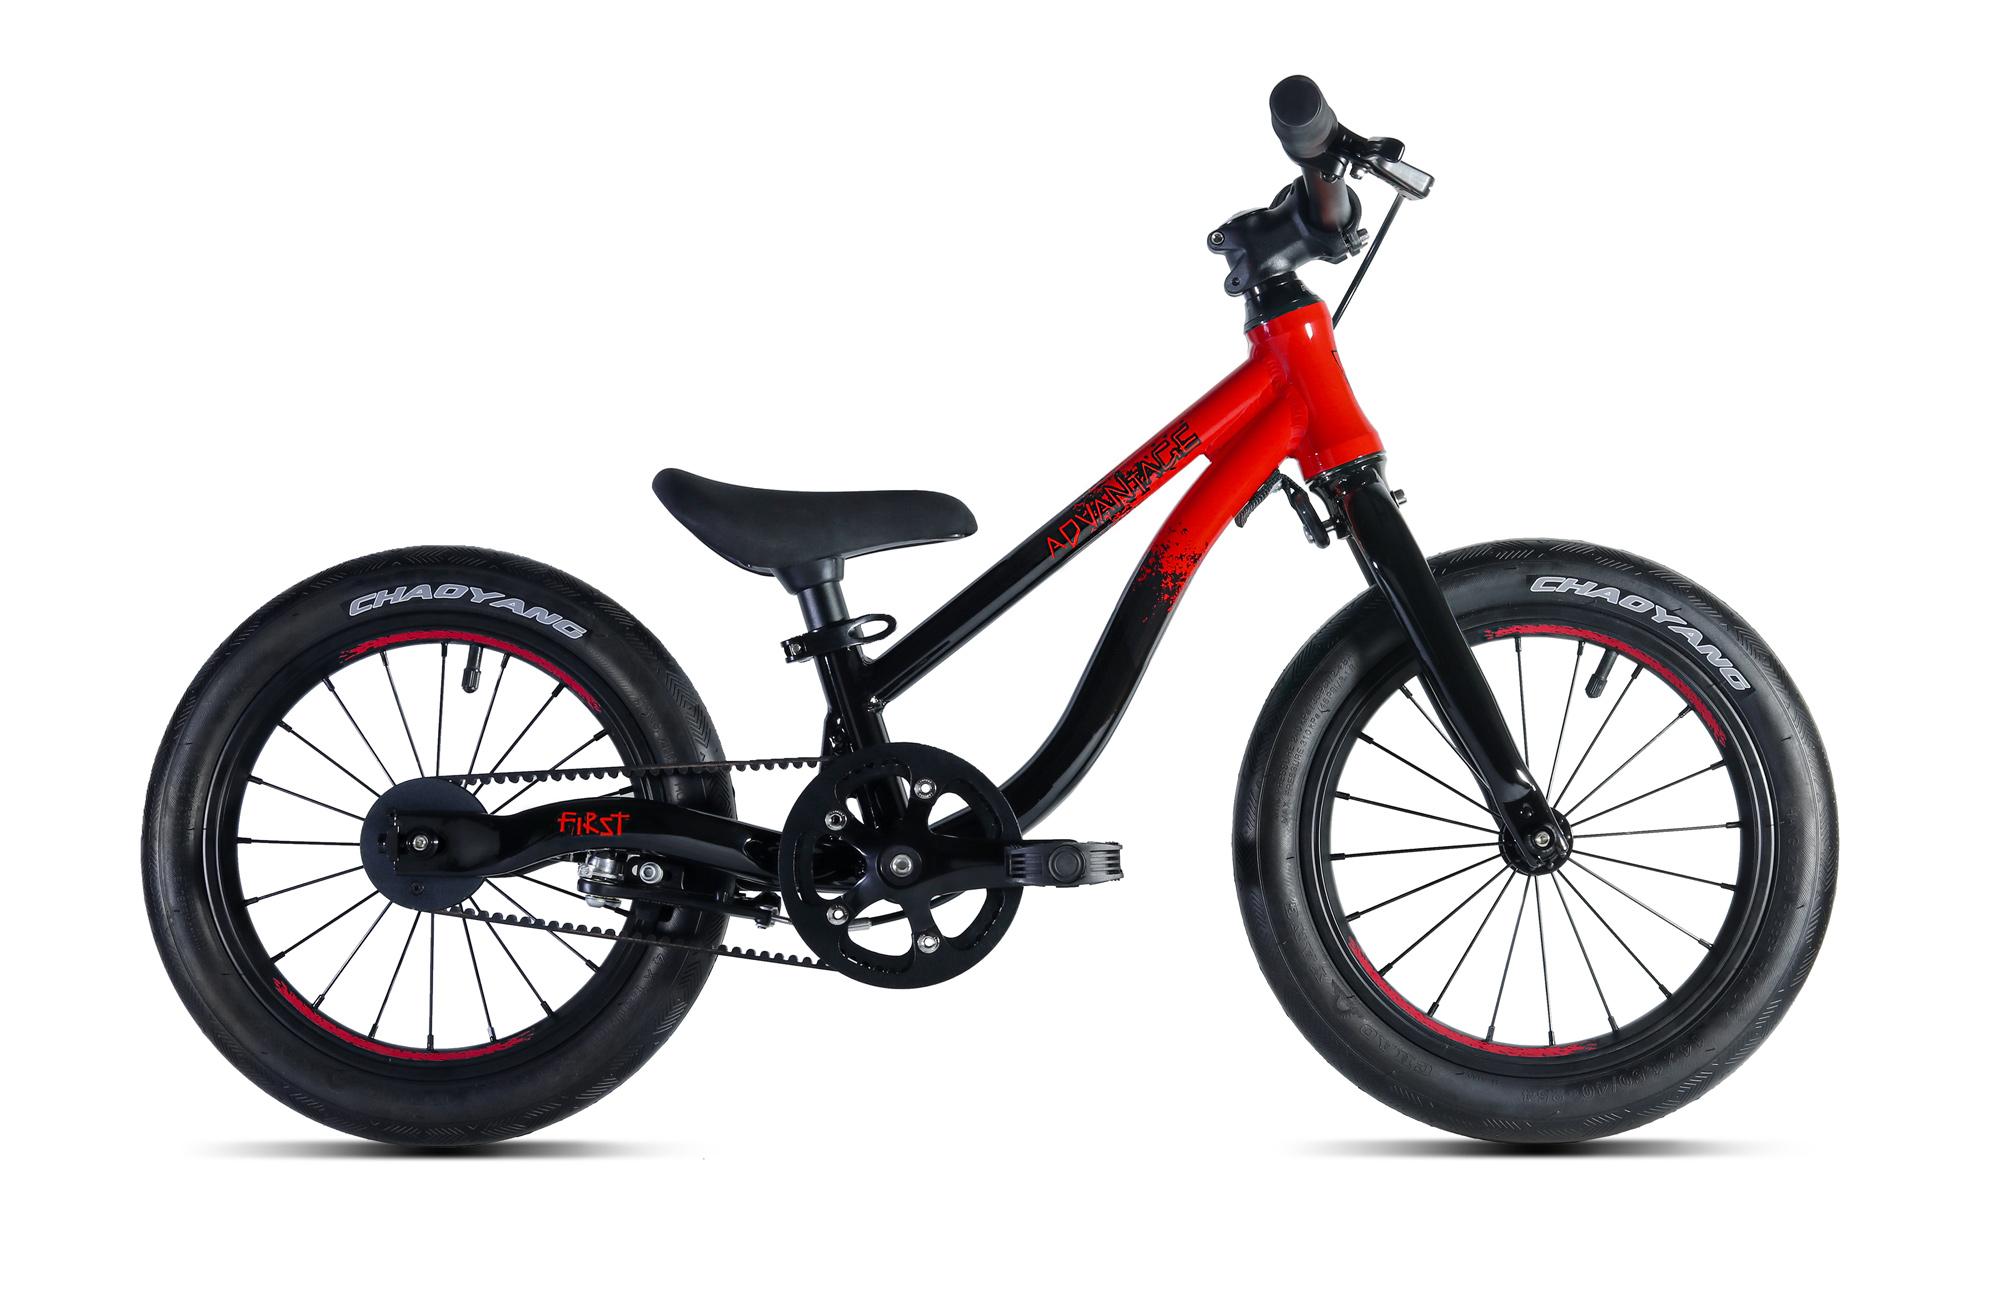 самый легкий детский велосипед Advantage 12-14 дюймов